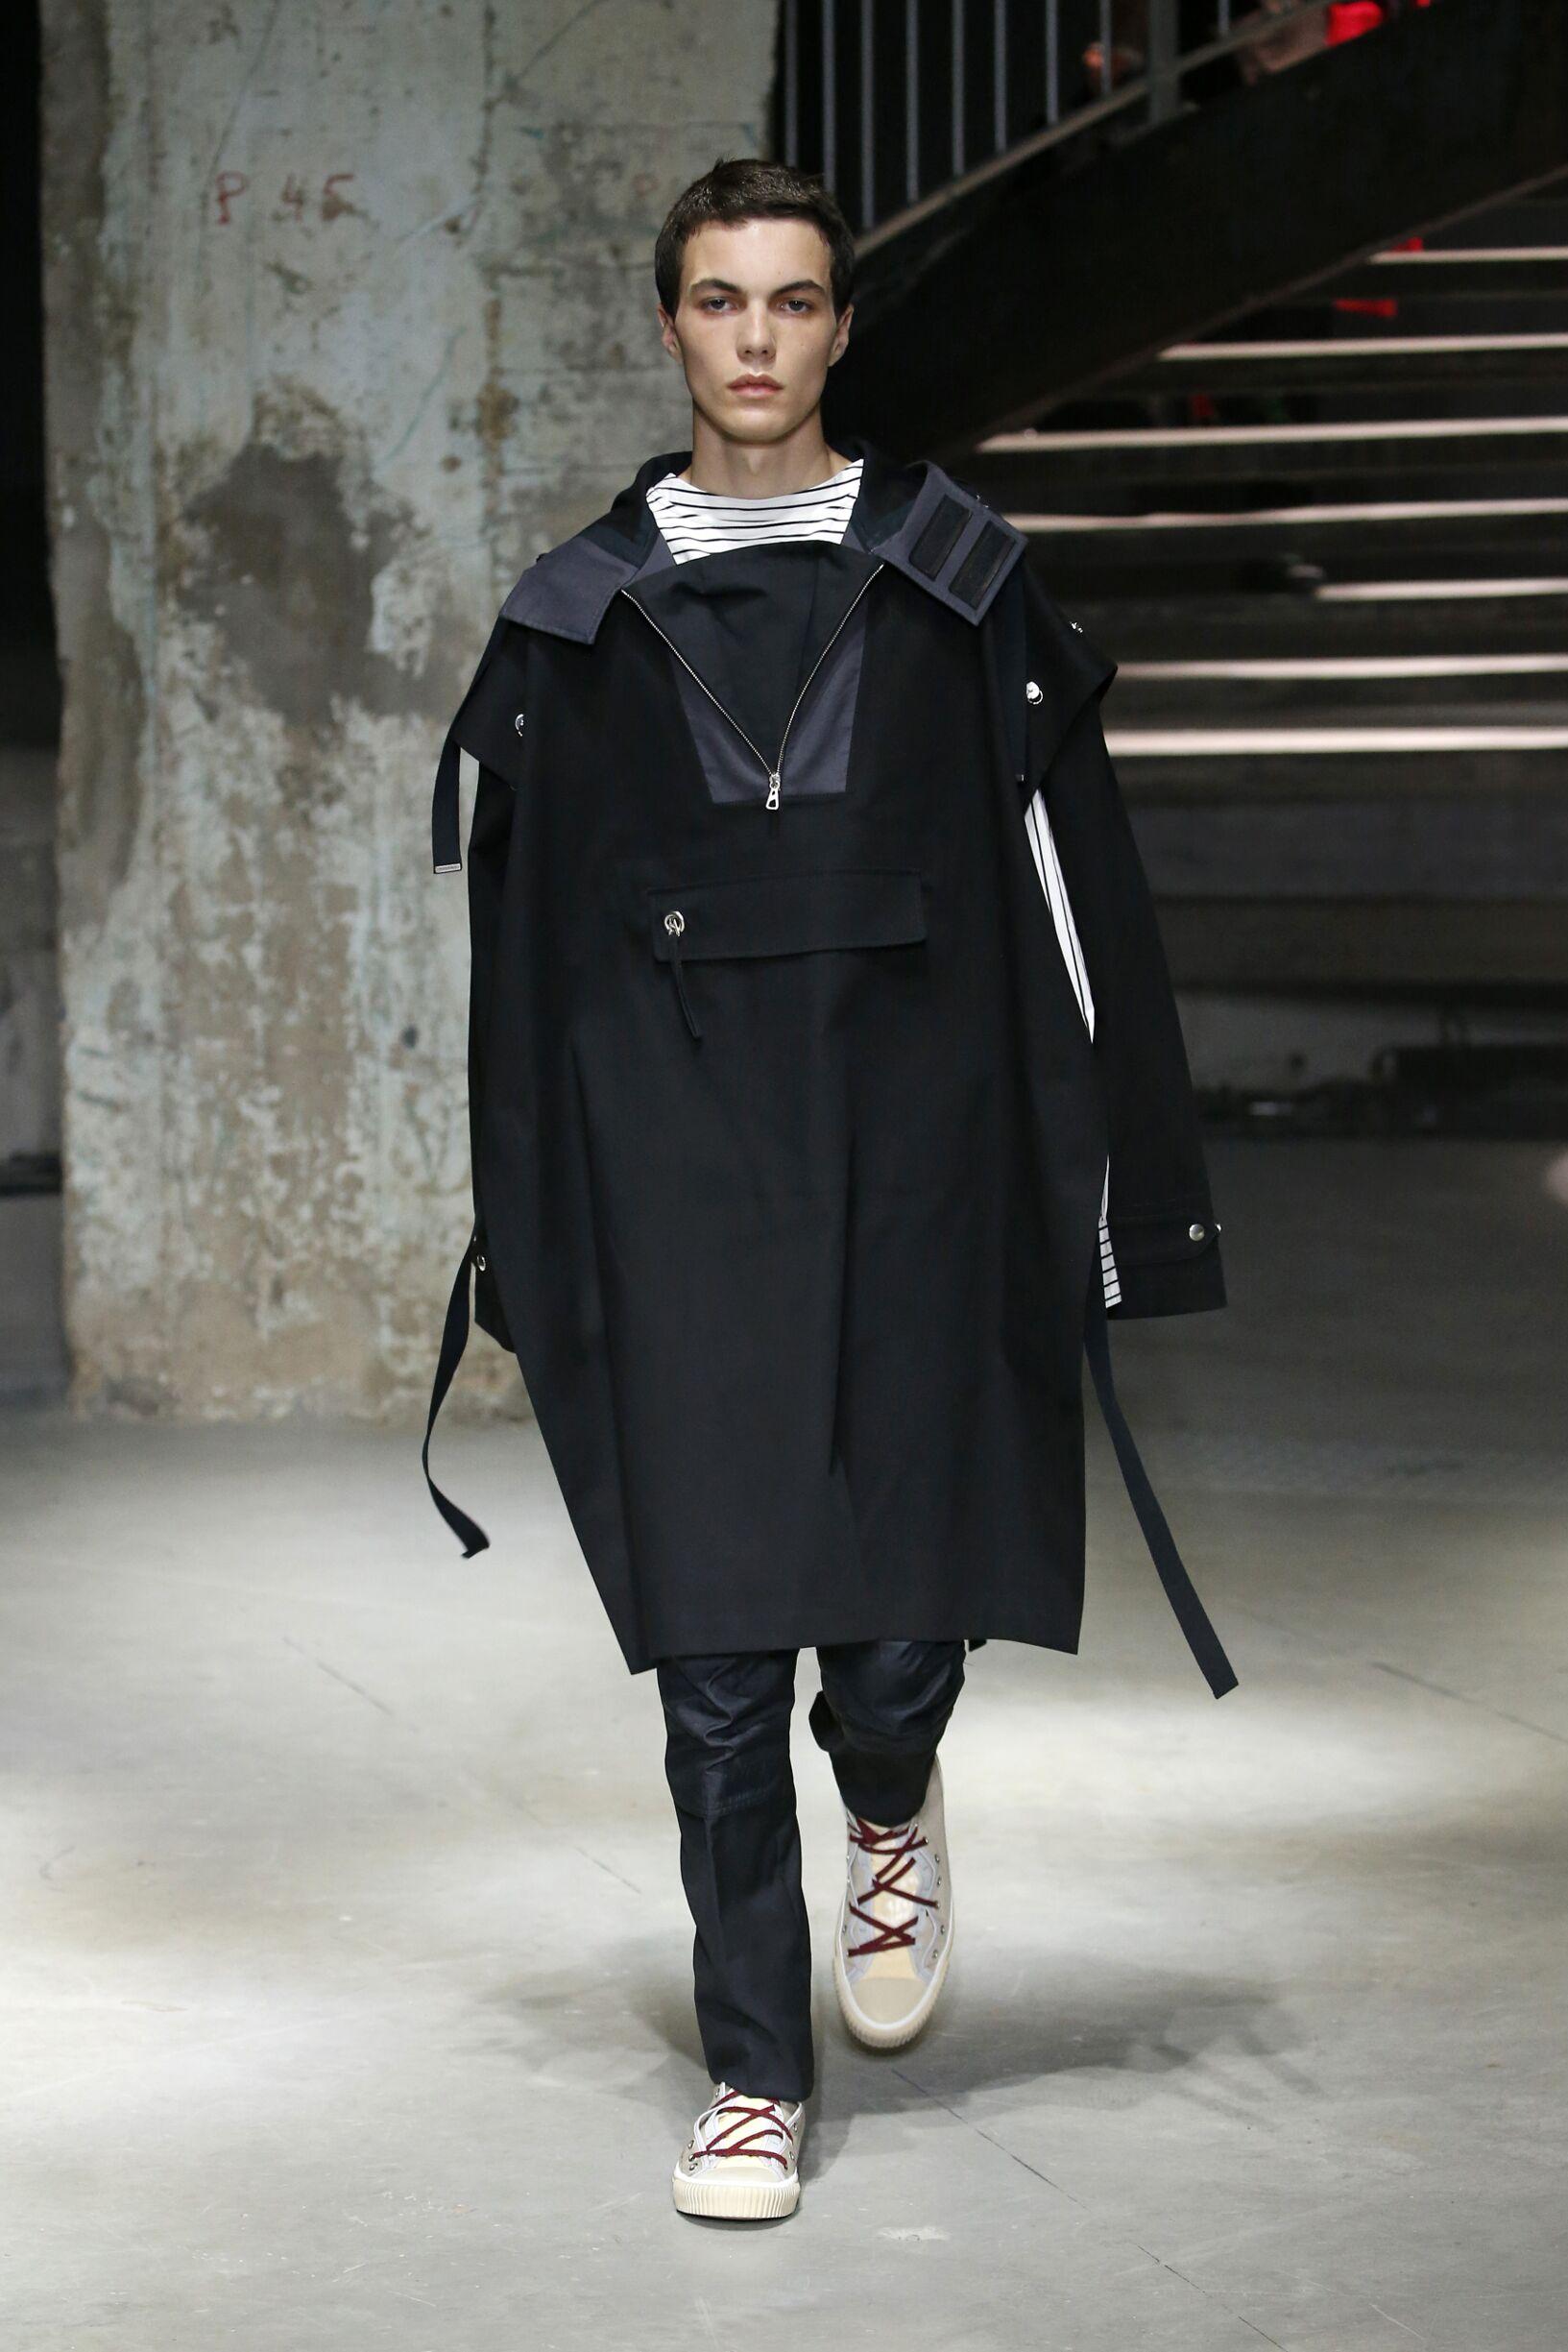 Lanvin SS 2019 Menswear